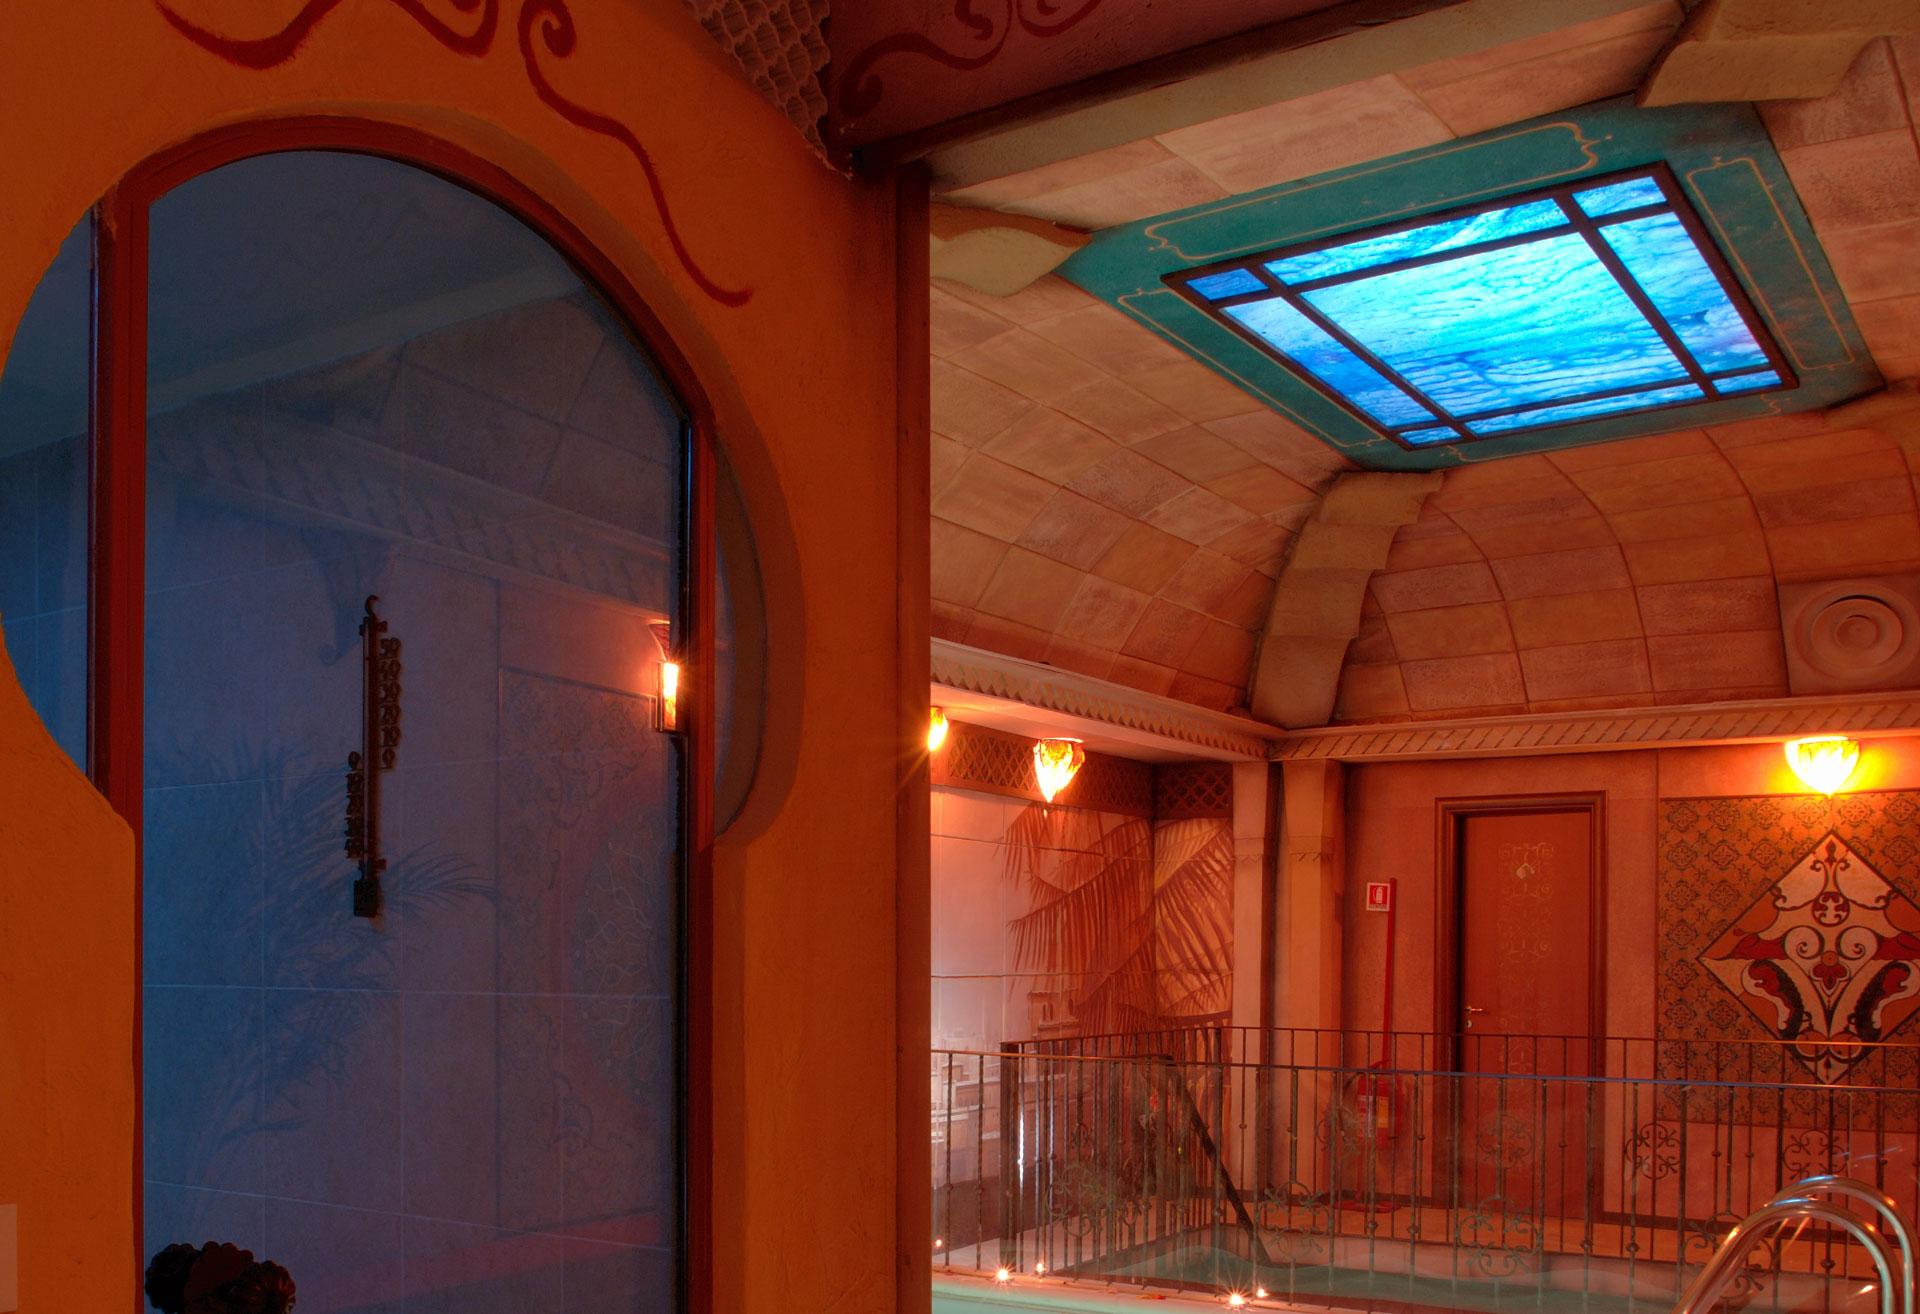 Centro benessere hammam sun planet ortona centro - Benefici del bagno turco ...